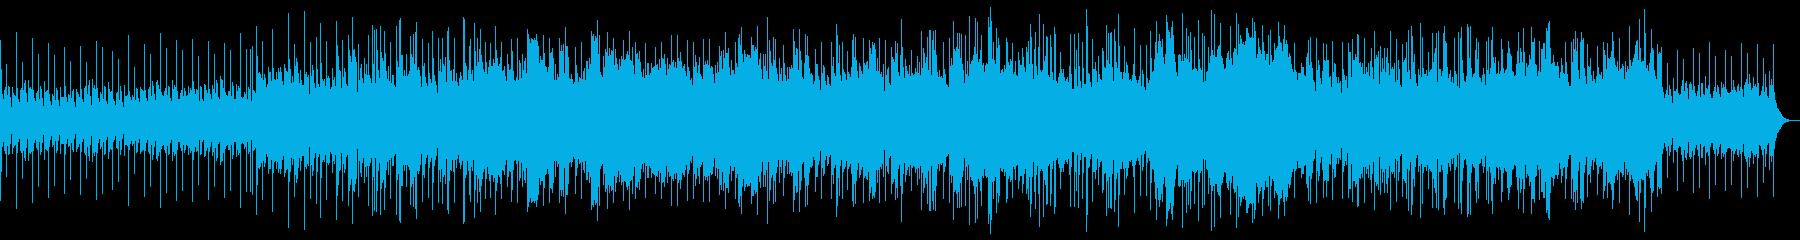 シンセサイザーのムードのある曲の再生済みの波形